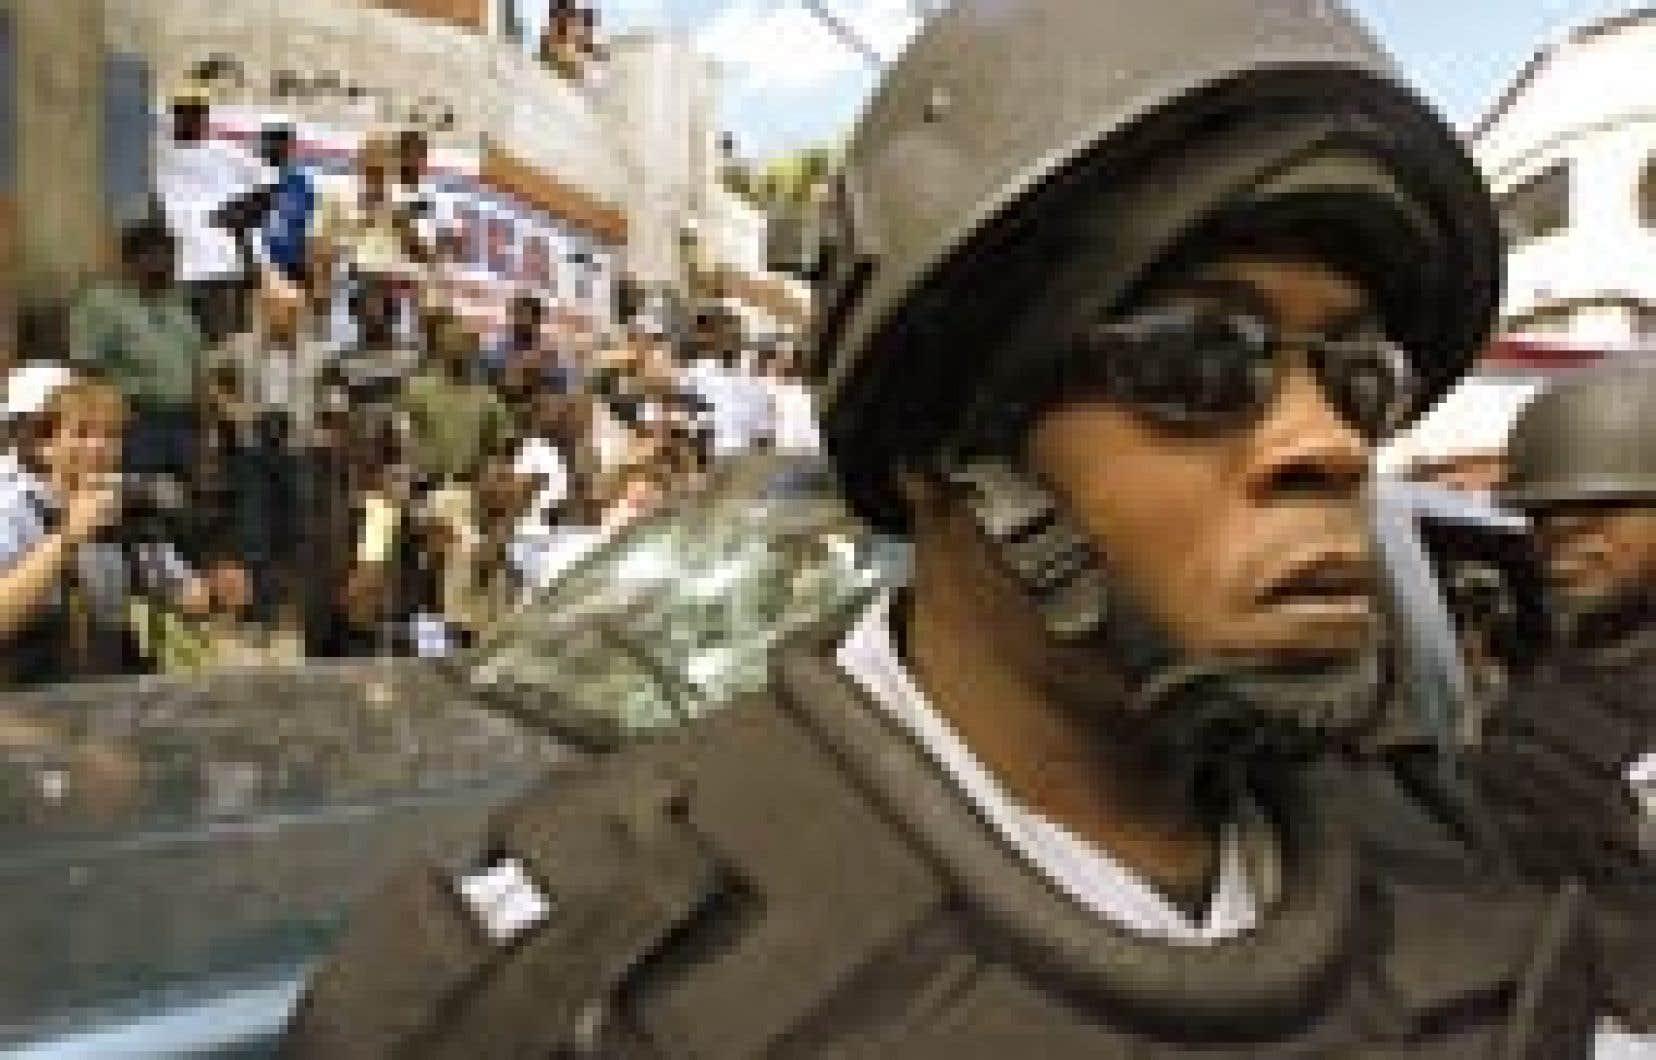 Un policier casqué montait la garde non loin d'un groupe de photographes, dimanche, durant la manifestation des dissidents à Port-au-Prince. La violence croissante inquiète fortement un groupe d'ONG québécoises.